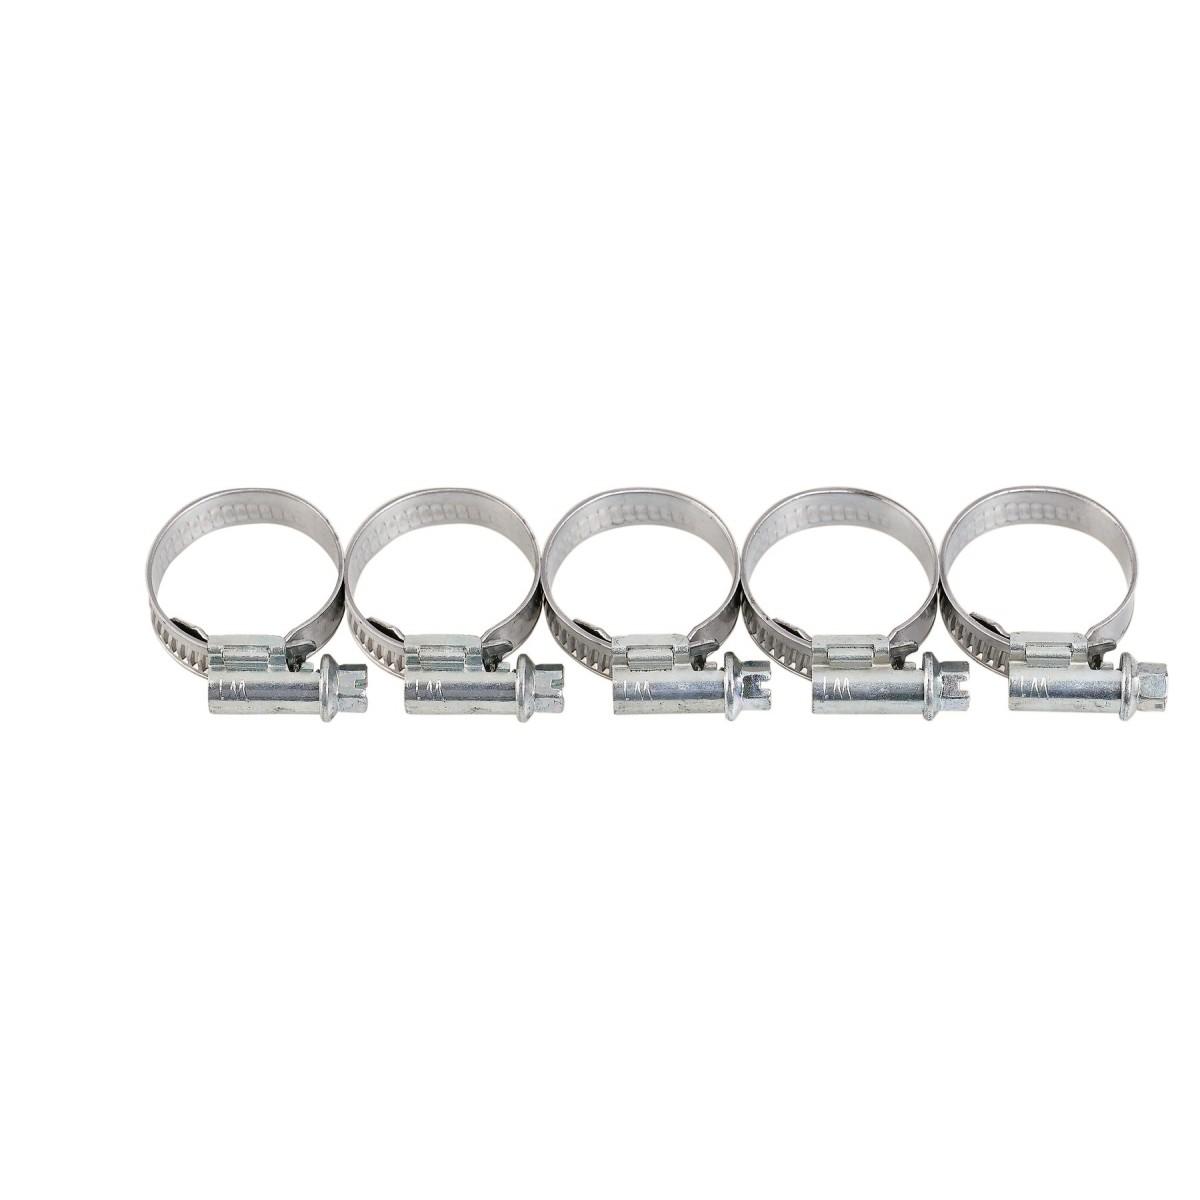 Collier à bande inox W4 Cap Vert - Diamètre 18 - 28 mm - Largeur 13 mm - Vendu par 5